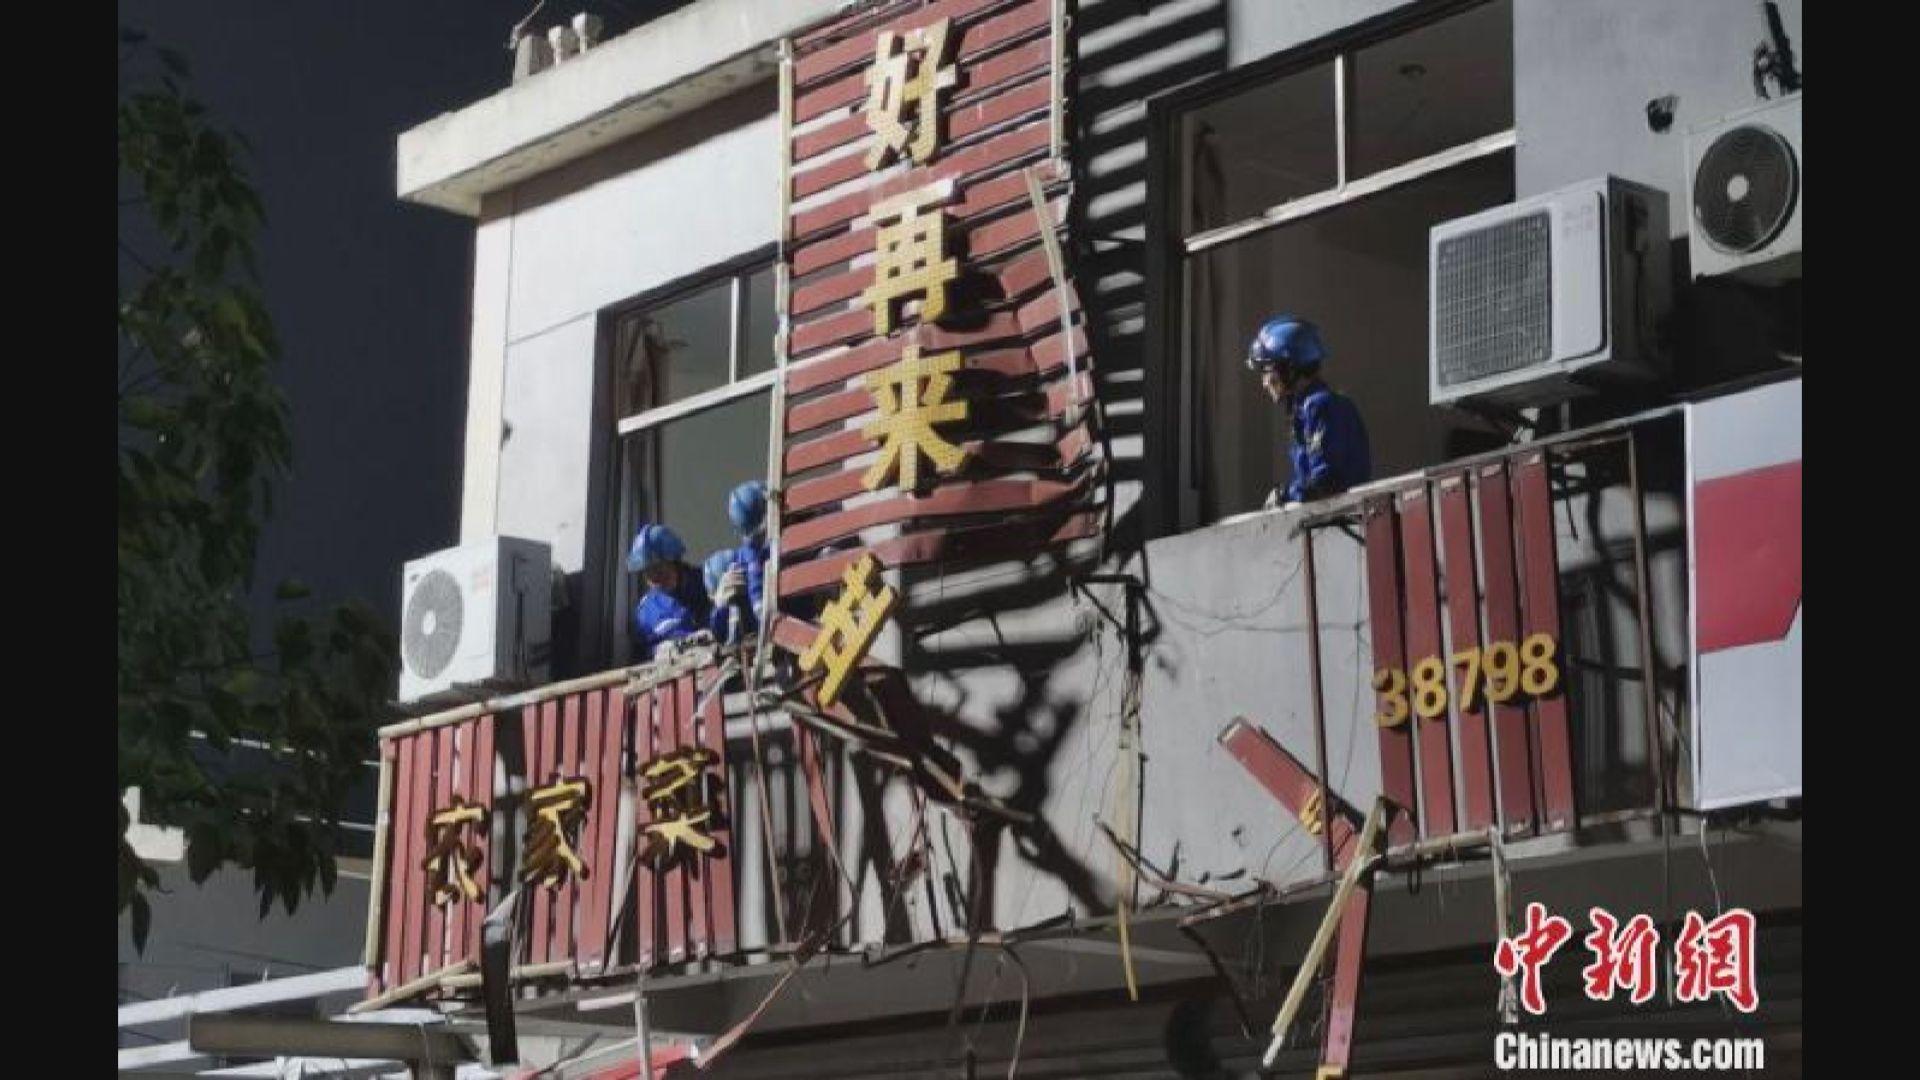 龍捲風襲湖北江蘇最少十死 武漢機場逾30航班取消